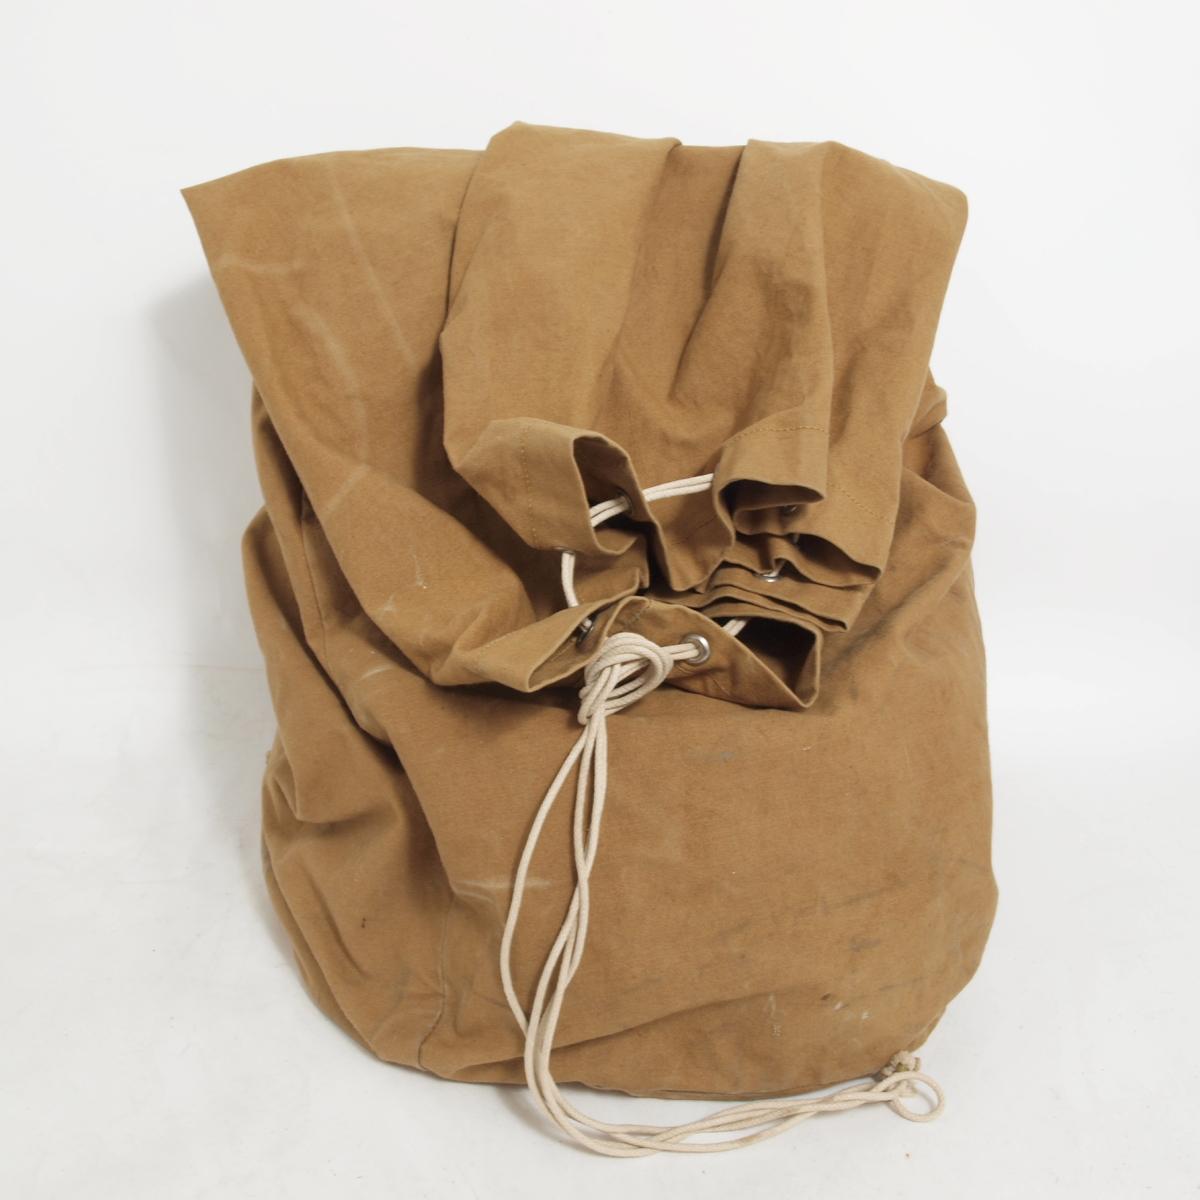 希少 40年代 エルエルビーン L.L.Bean バックパック リュックサック USA製 ヴィンテージ /anb6633 【中古】 【170706】